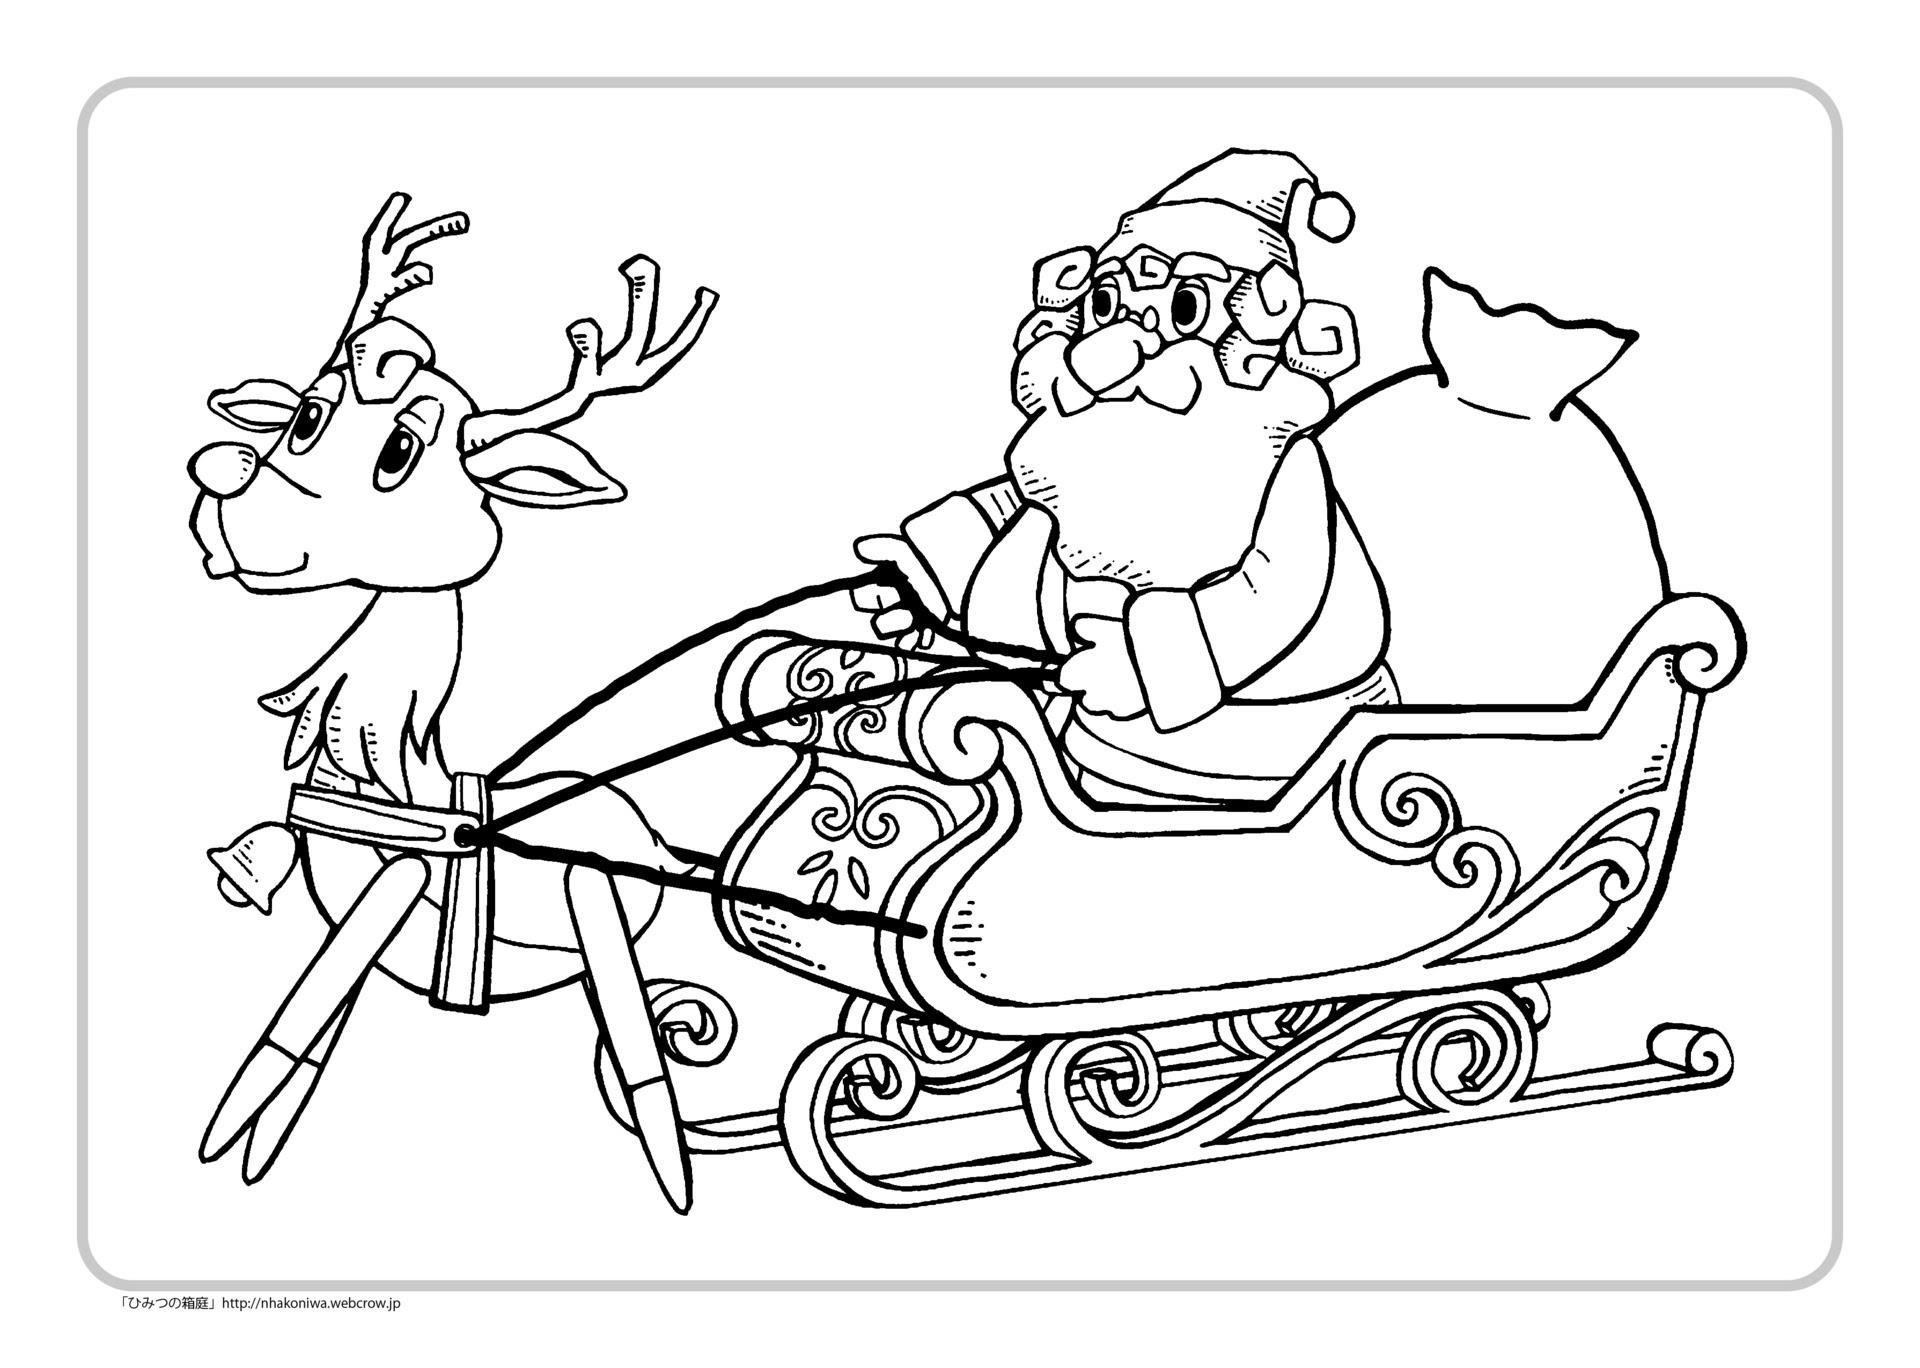 おまけサンタさん クリスマスの塗り絵 ひみつの箱庭チャンネル